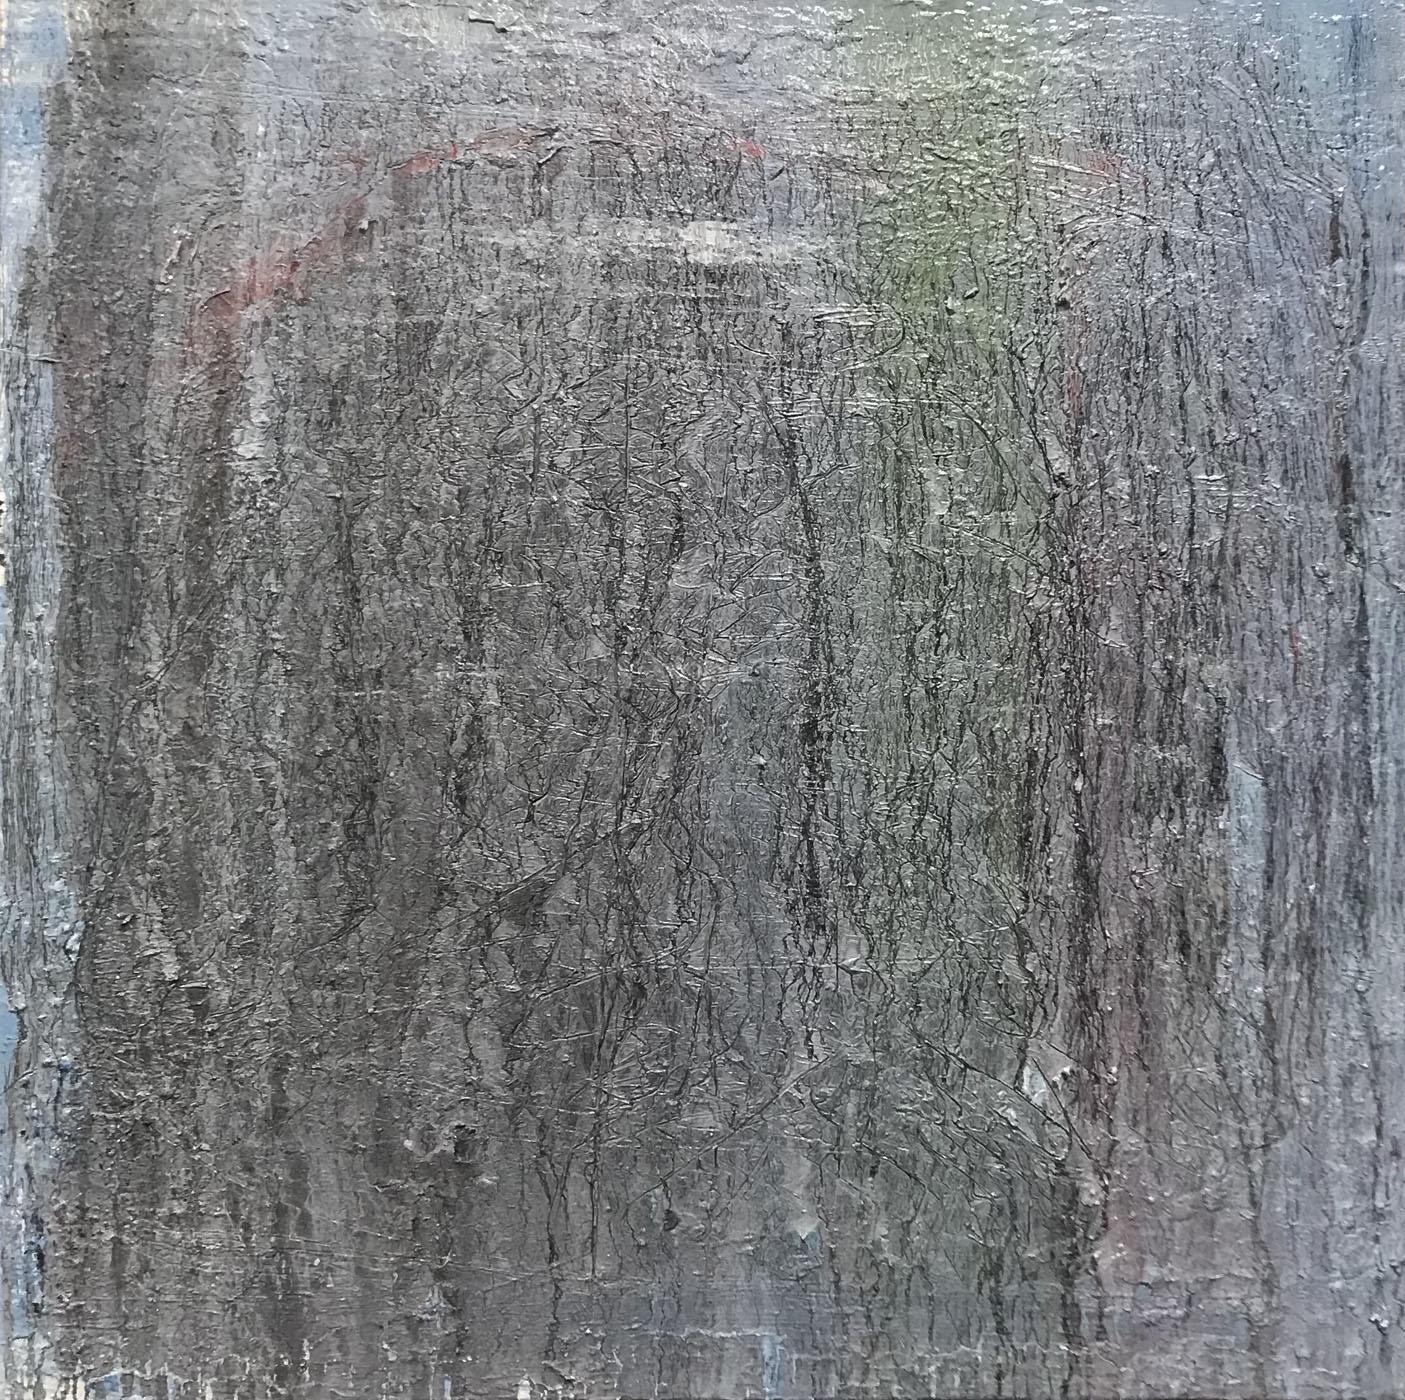 MARC FELD 2021 LABOUR Huile sur toile 100 x 100 cm